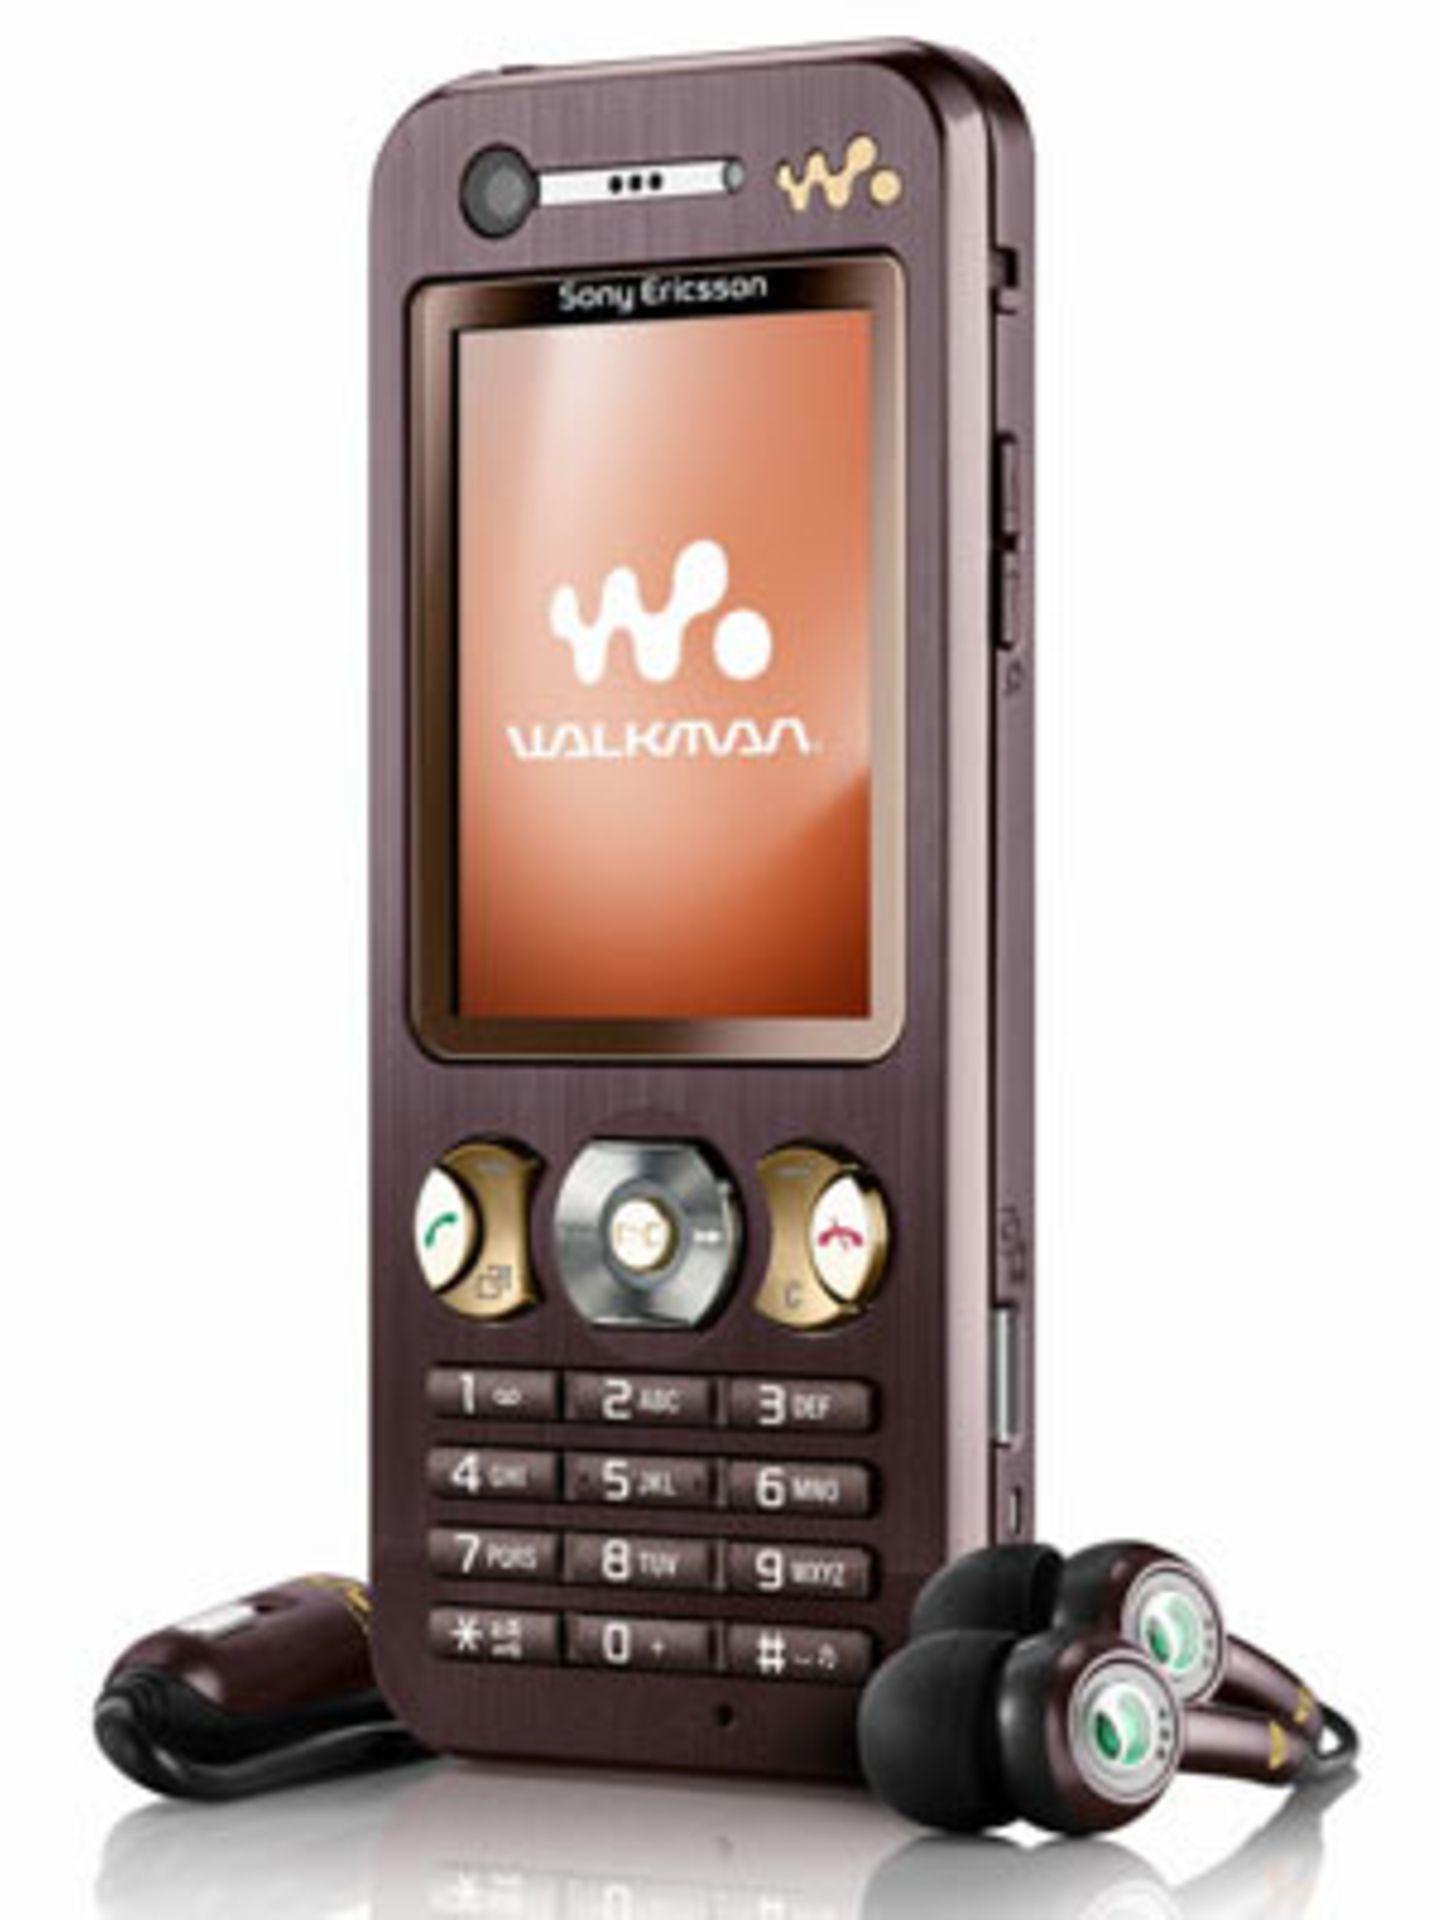 """""""Sony Ericsson Walkman""""    Für die Plaudertaschen unter uns ist wohl das Sony Ericsson Walkman das passende Handy. Bis zu 540 Minuten Sprechzeit können da in einem Rutsch verbraten werden. Außerdem mit dabei: MMS, Videofunktion und natürlich mp3-Player und Radio. Um 135 Euro ohne Vertrag."""